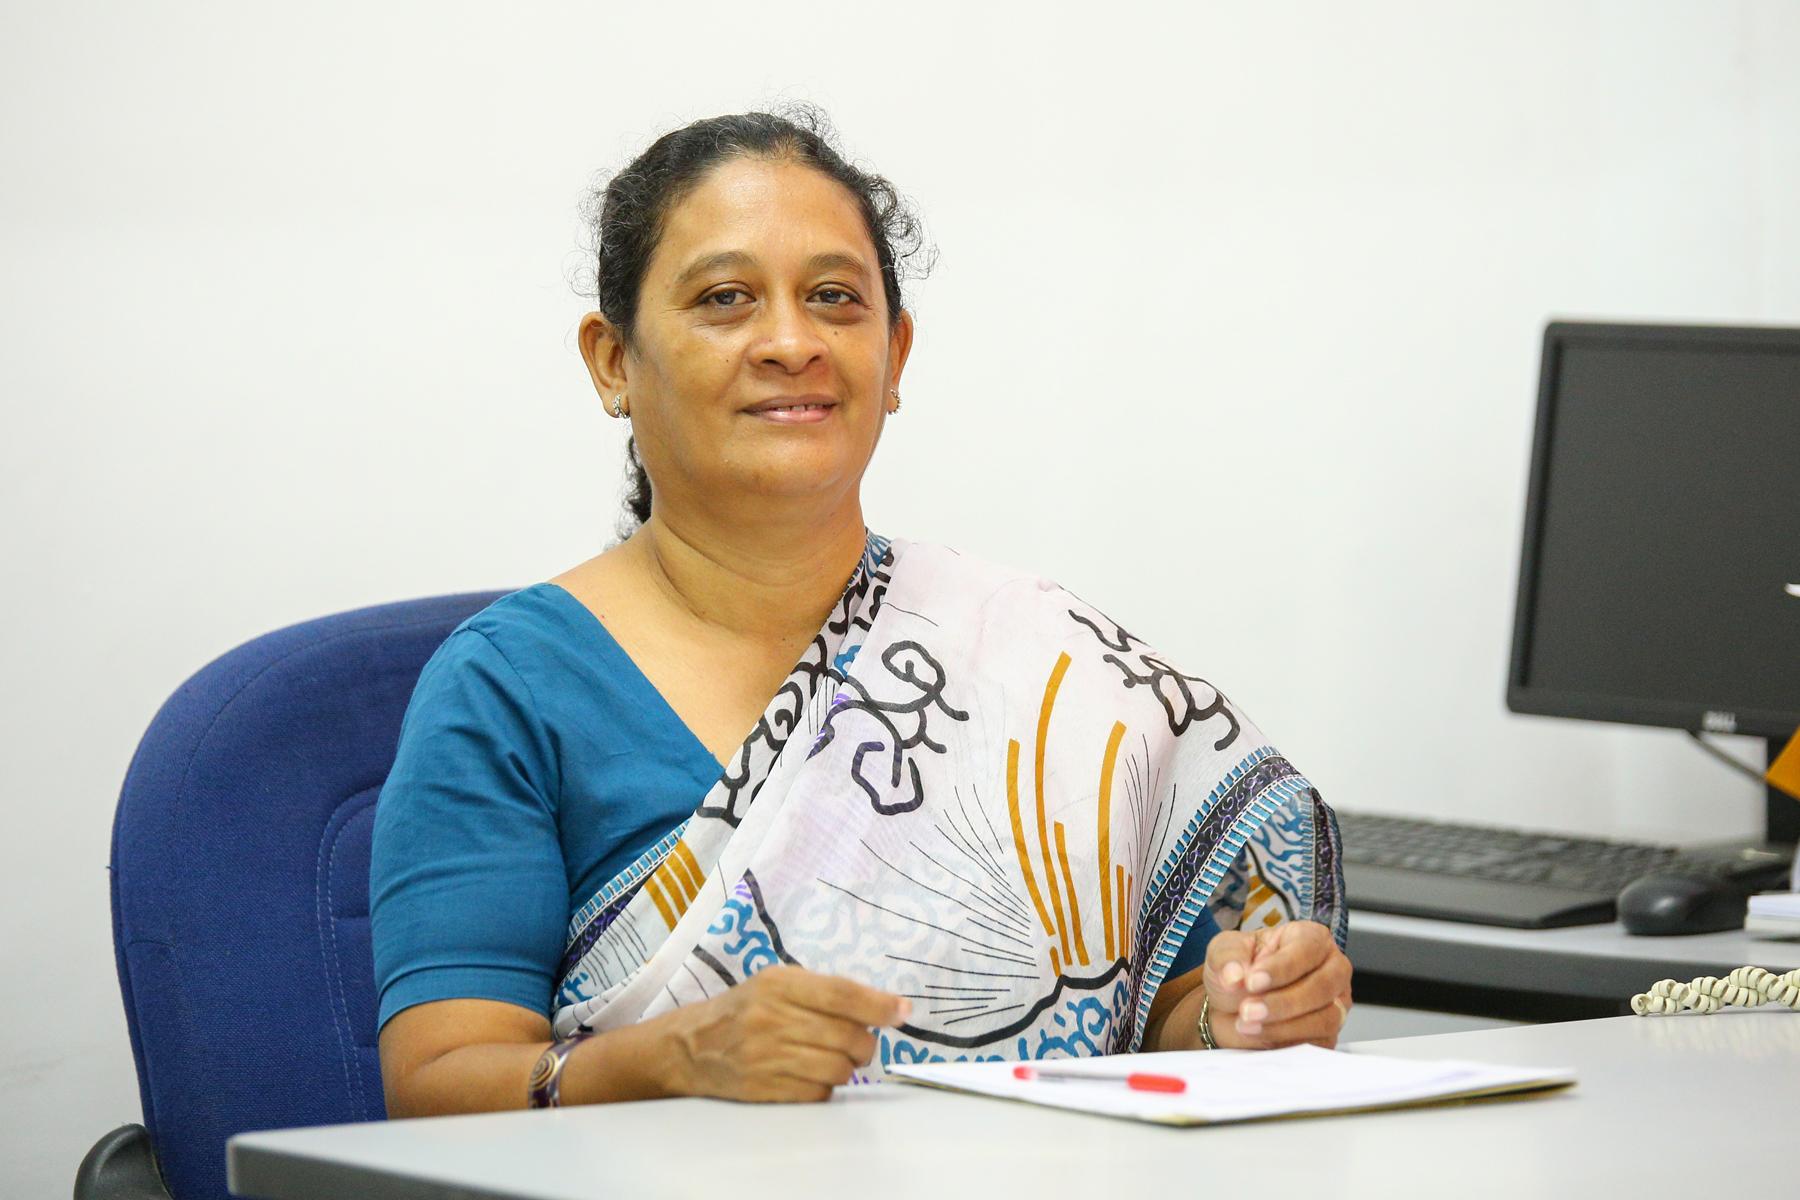 Ms. Isha Gamlath